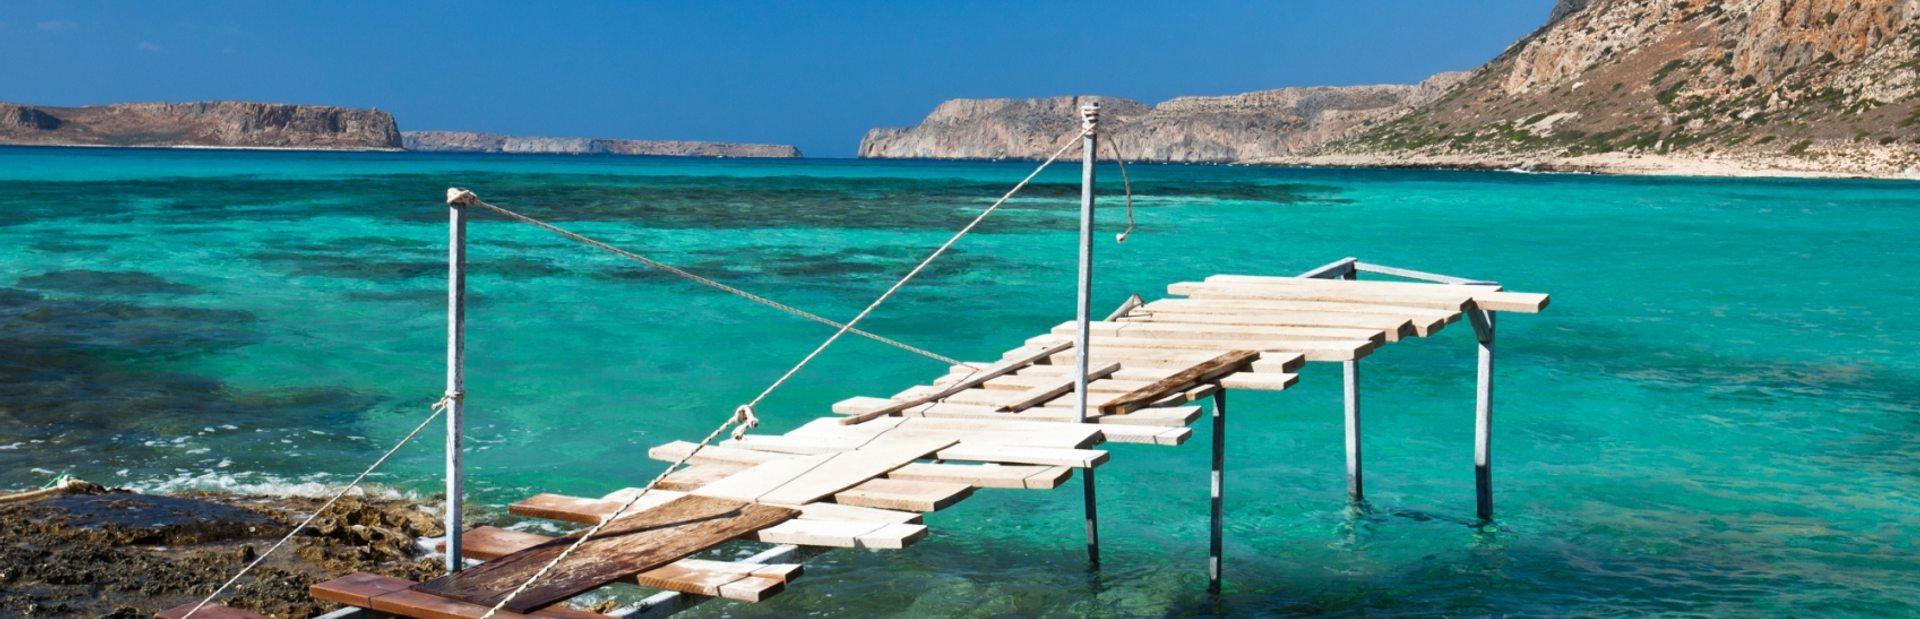 Crete photo tour